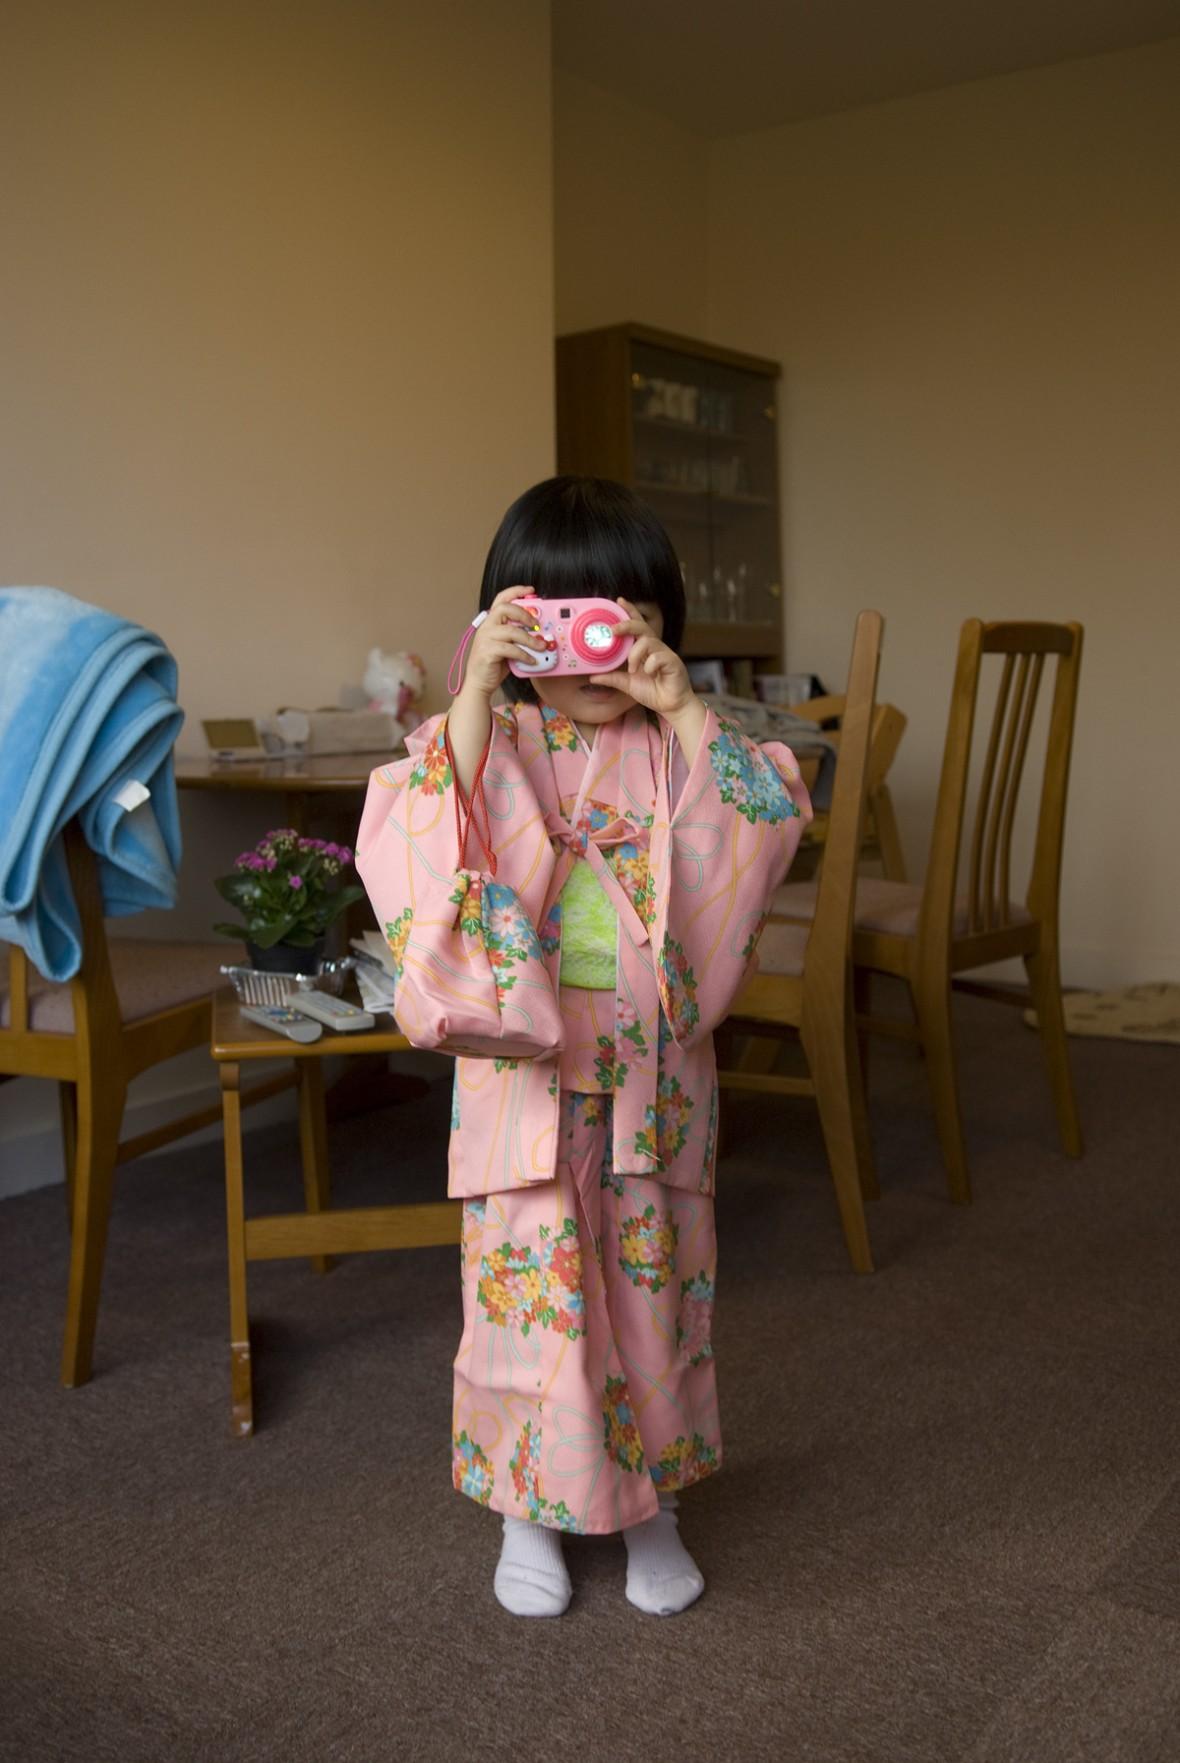 Moeko from Japan, in Cambridge, UK